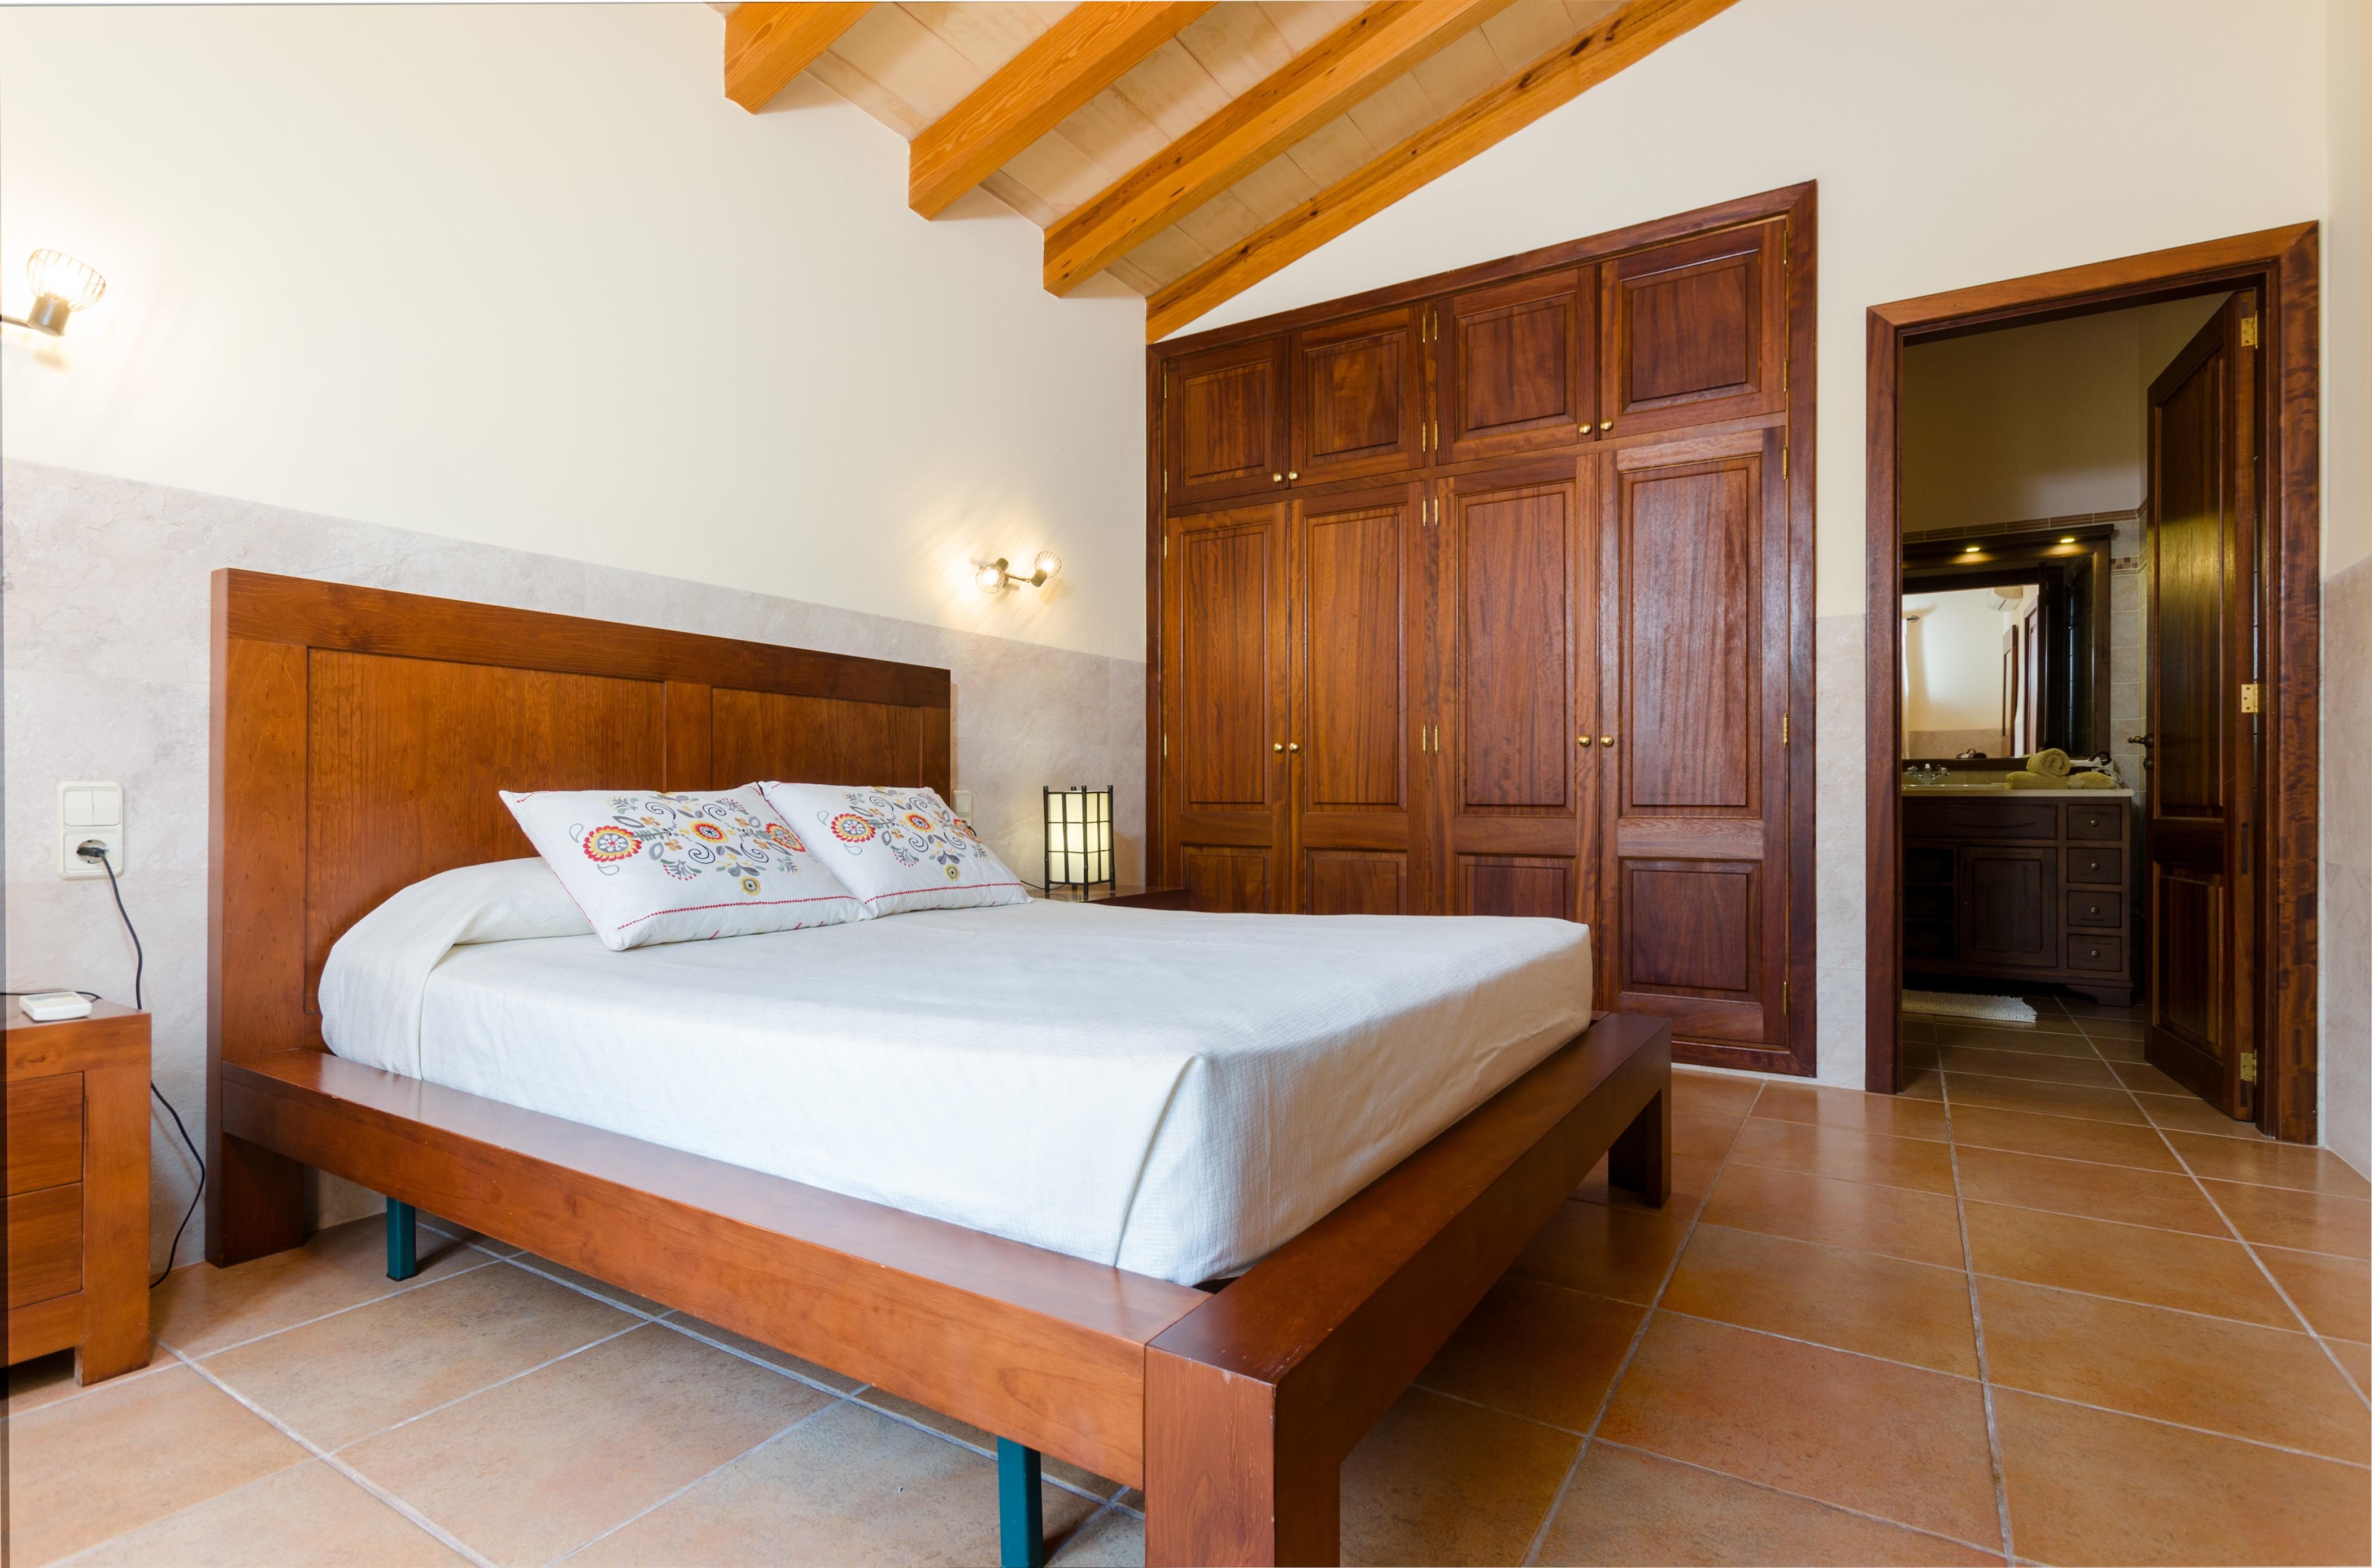 Maison de vacances ES VEDAT (2632993), Lloret de Vistalegre, Majorque, Iles Baléares, Espagne, image 22